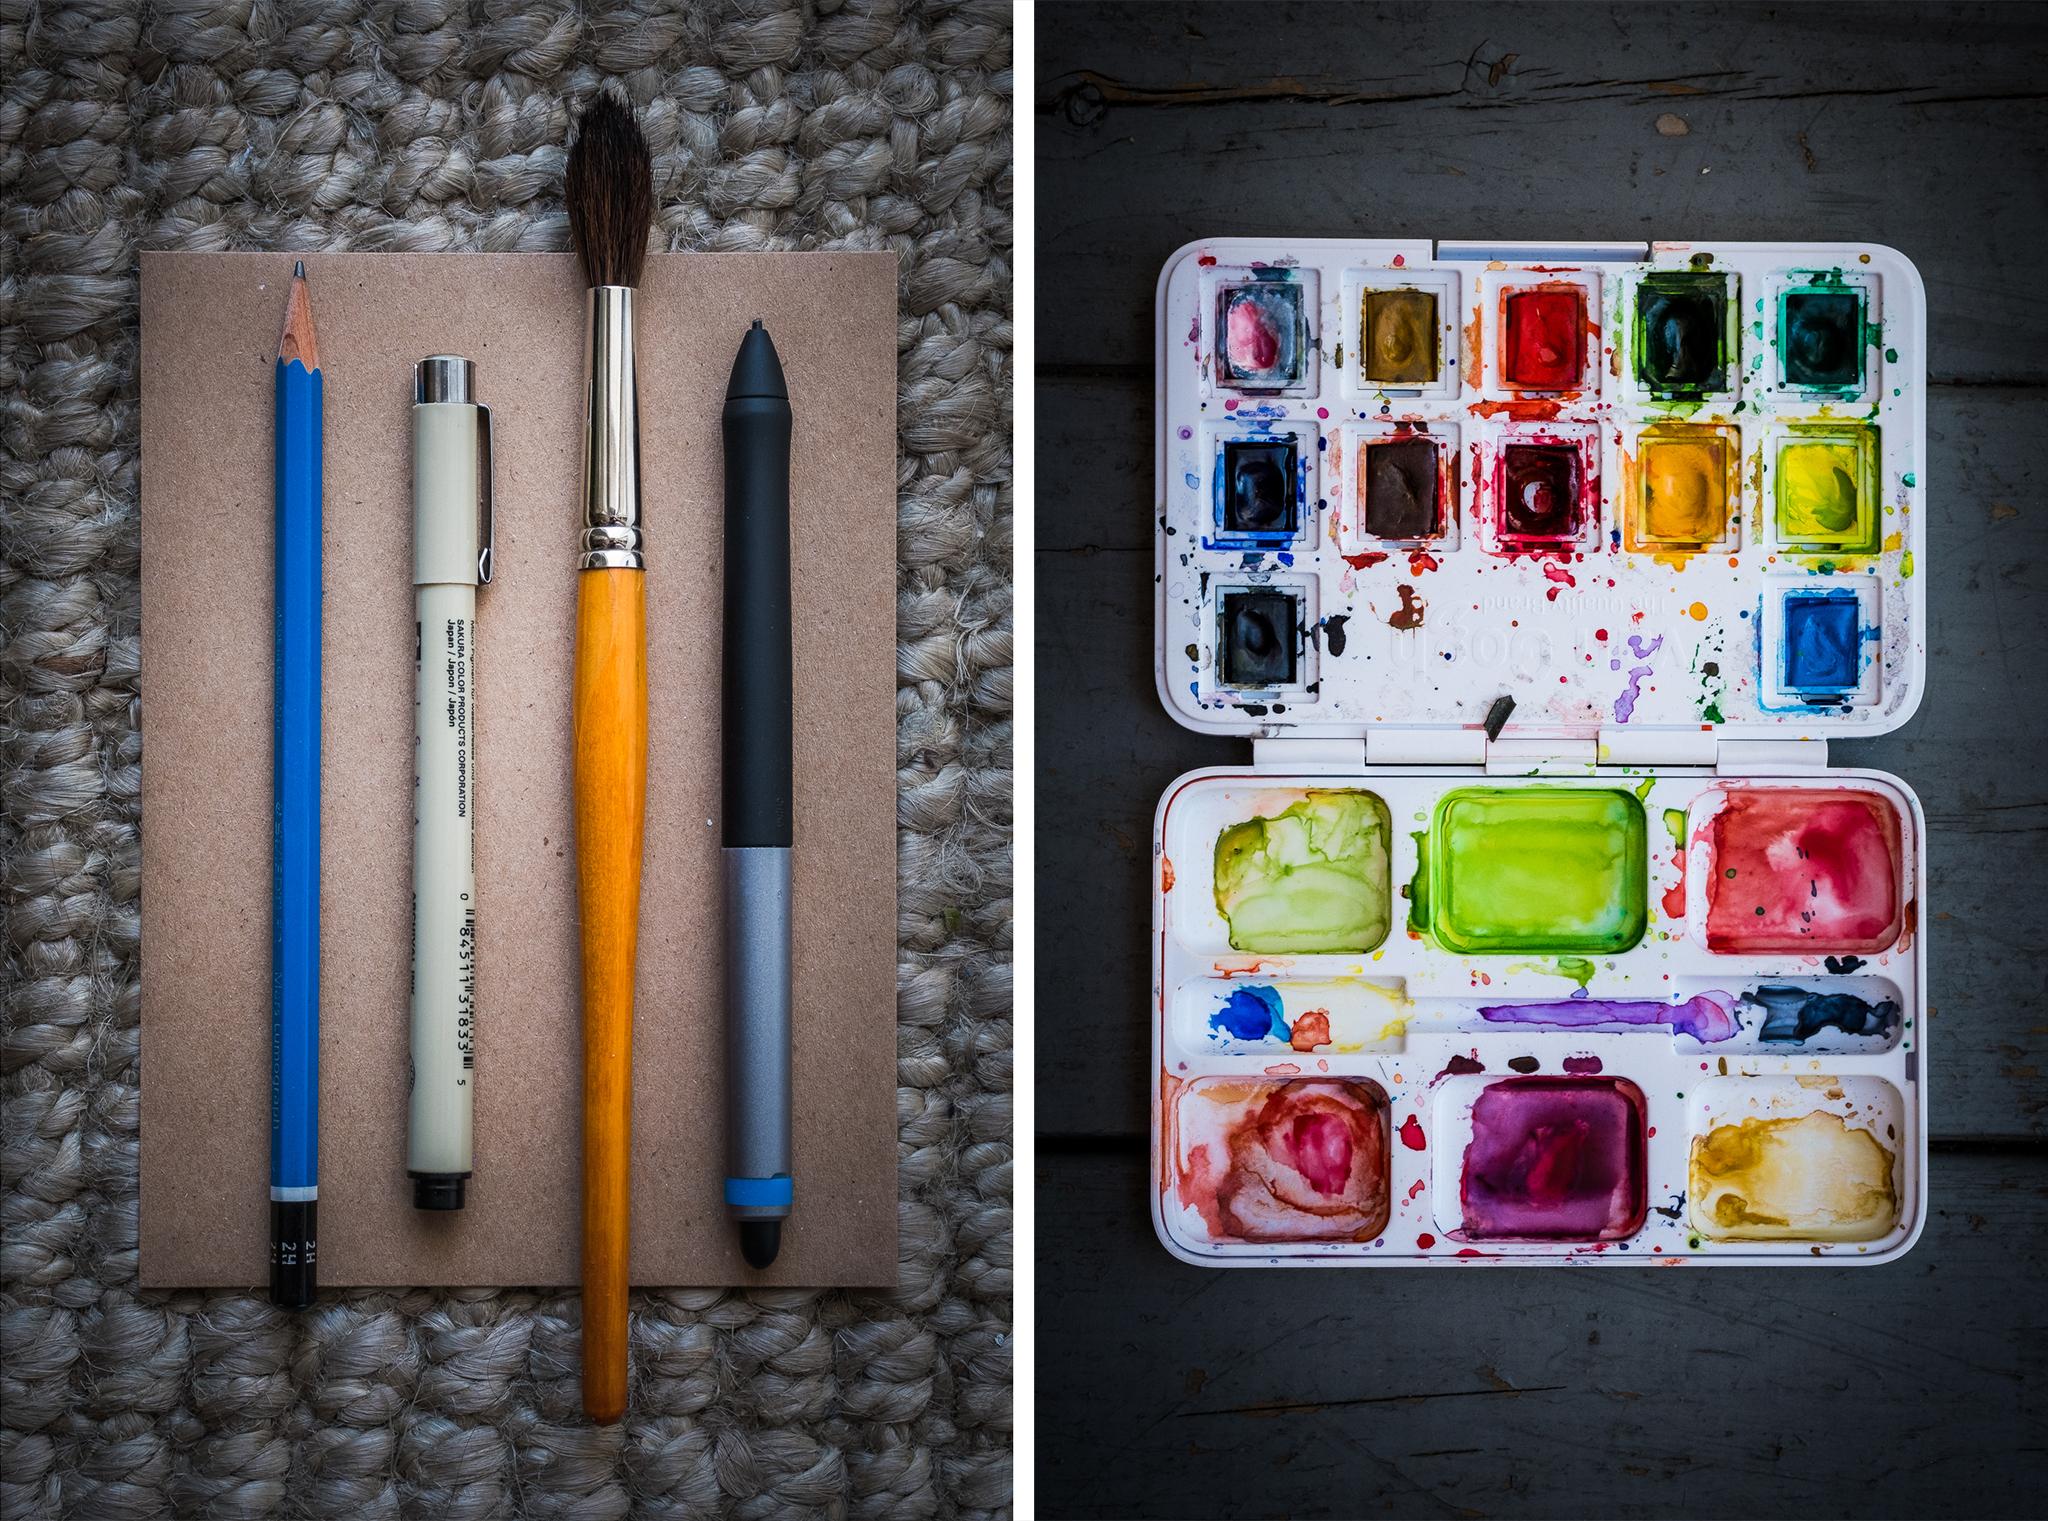 watercolor-tools-artist-pens